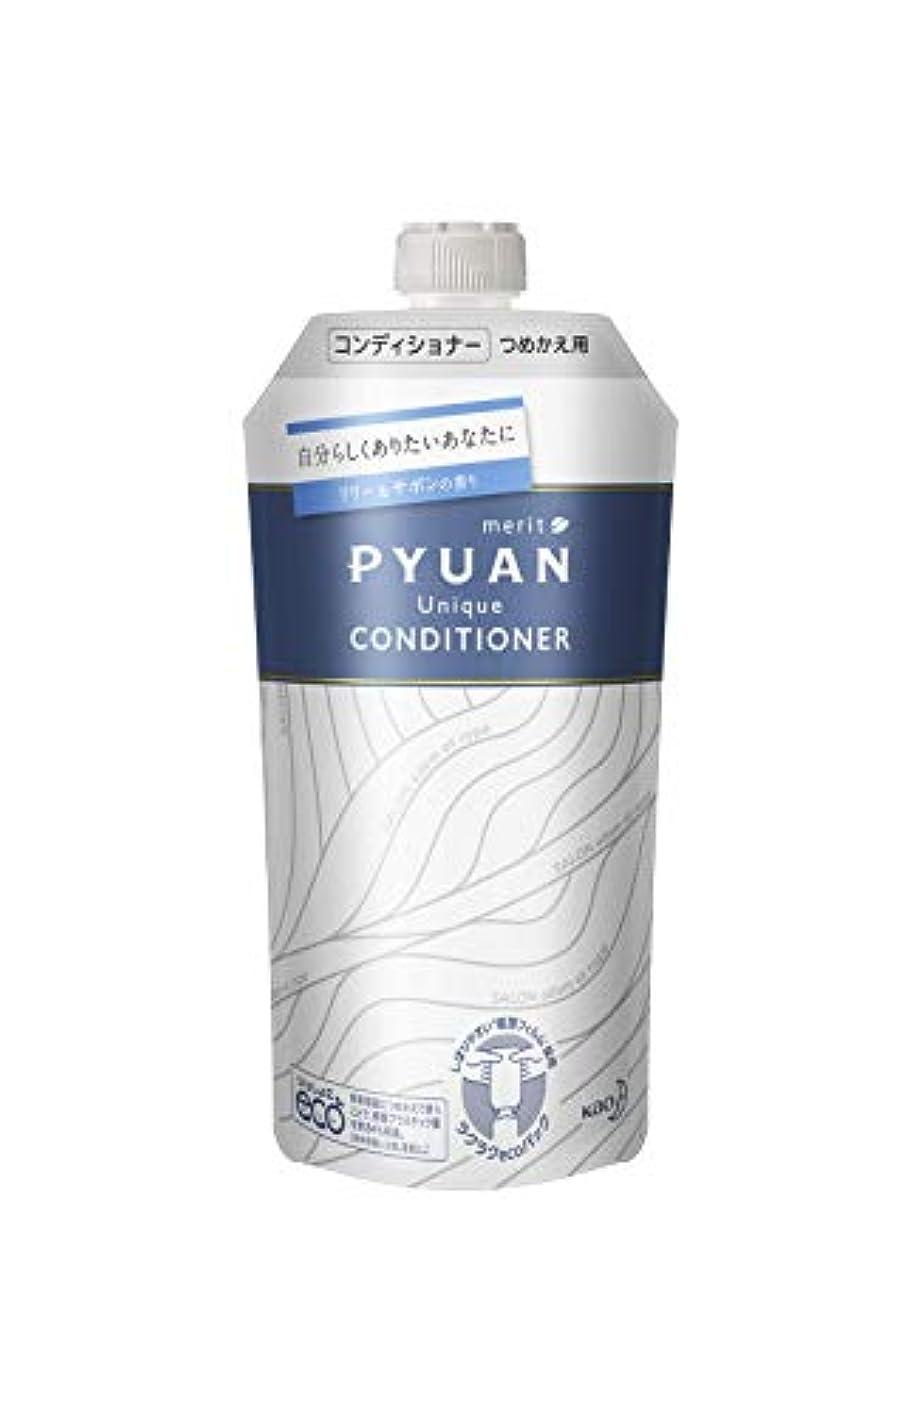 リップ絶望的な冷凍庫PYUAN(ピュアン) メリットピュアン ユニーク (Unique) リリー&サボンの香り コンディショナー つめかえ用 340ml SALON adam et ropé コラボ